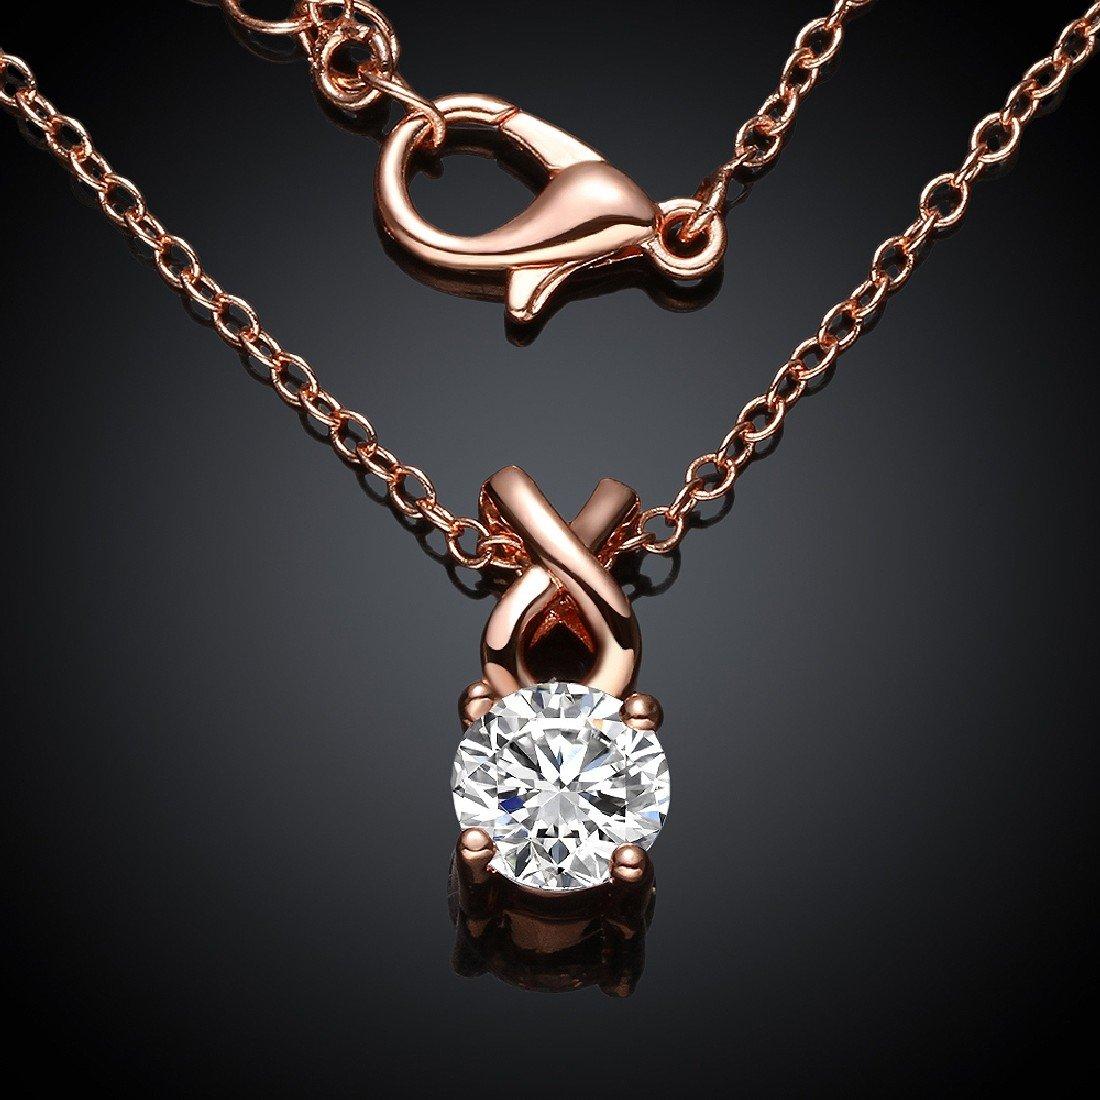 Colgante JoyliveCY para mujer con elegante cristal de imitación y cadena larga